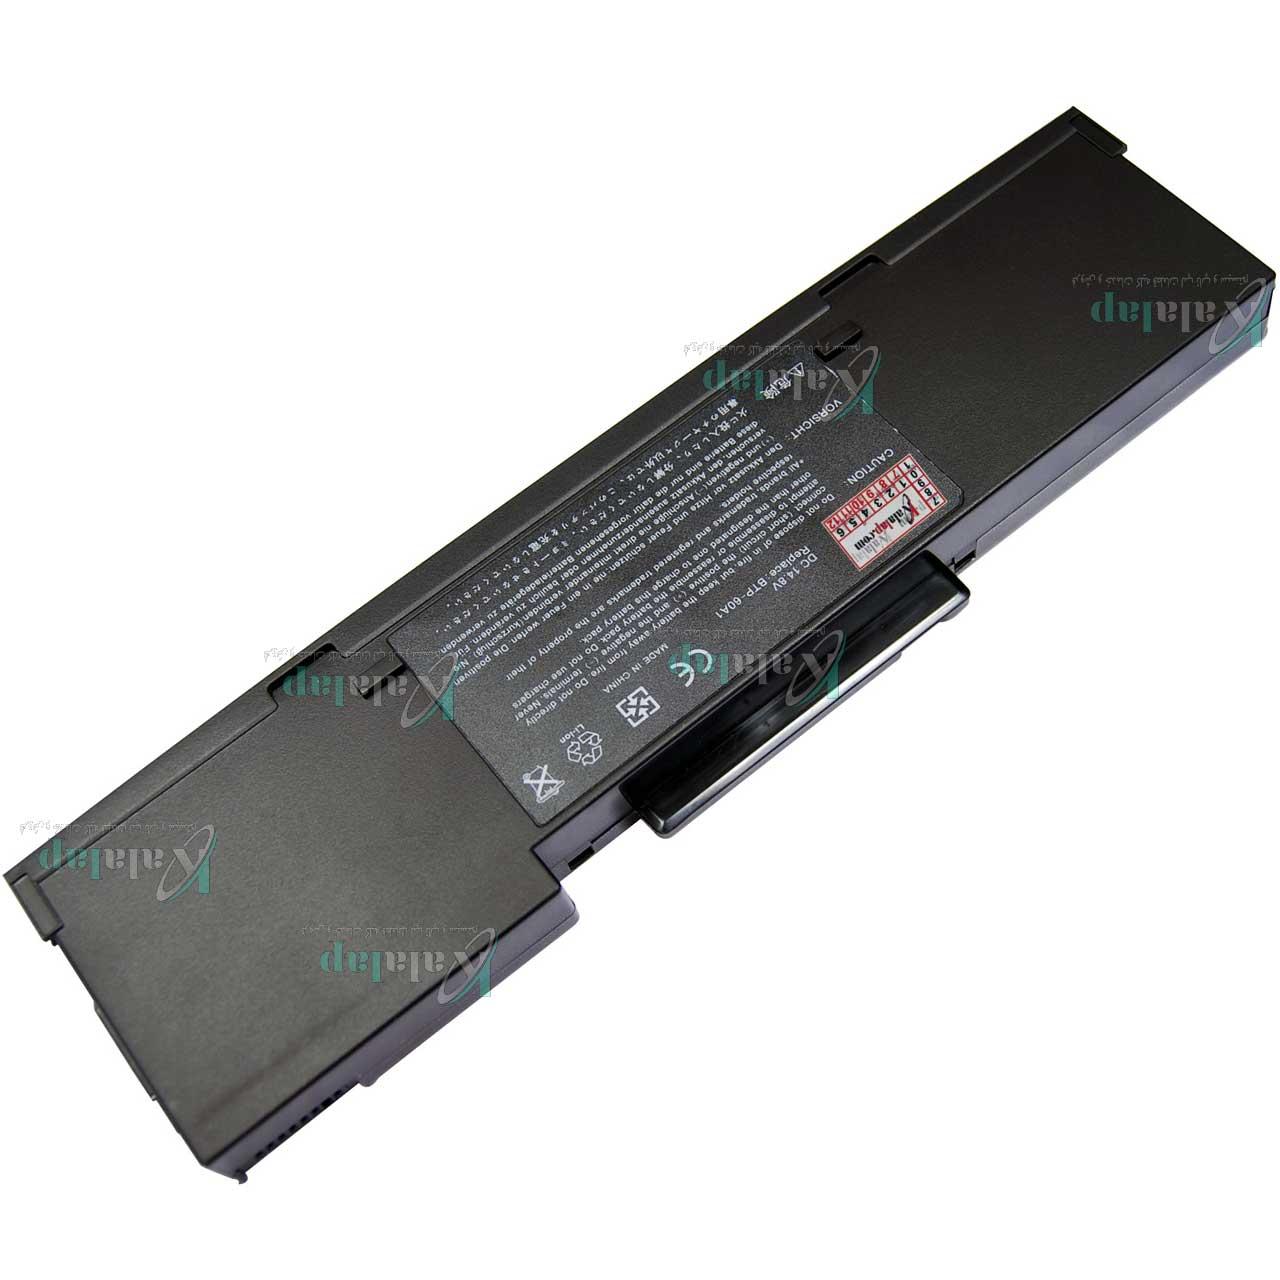 باتری لپ تاپ ایسر BPT-58A1